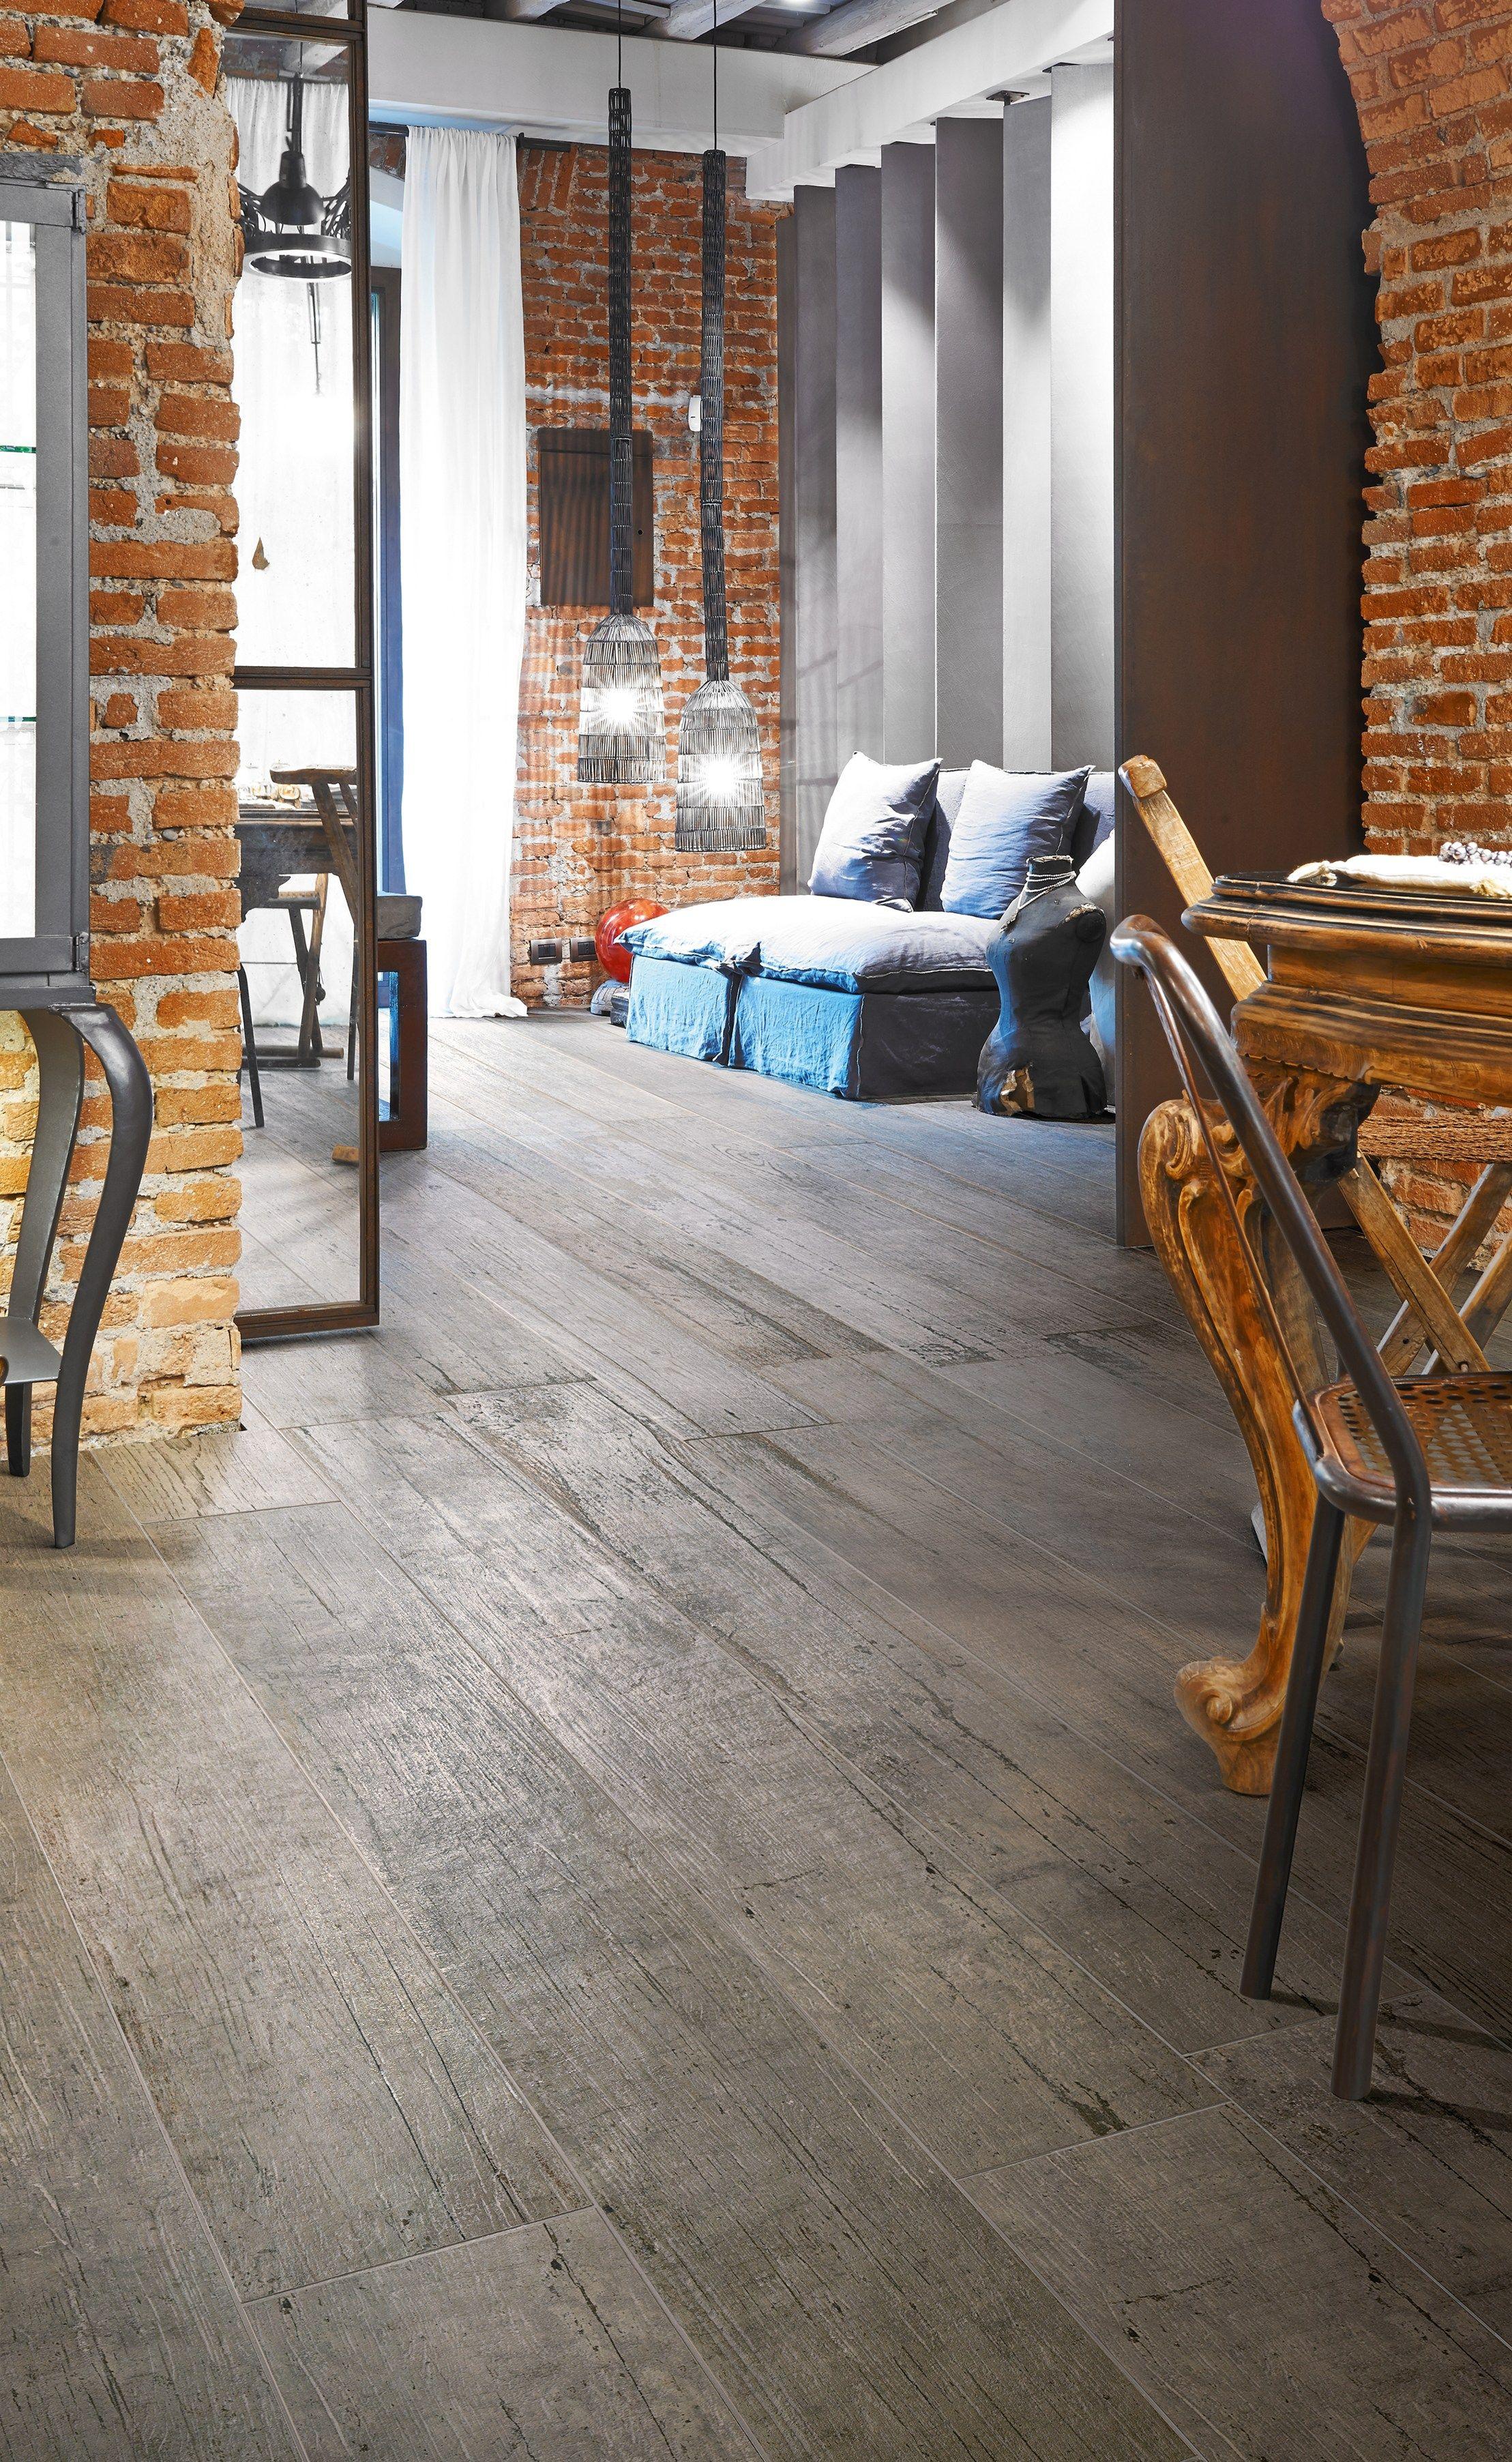 Revestimiento de pared suelo de gres porcel nico imitaci n madera blendart by ceramica sant - Suelo de gres imitacion madera ...